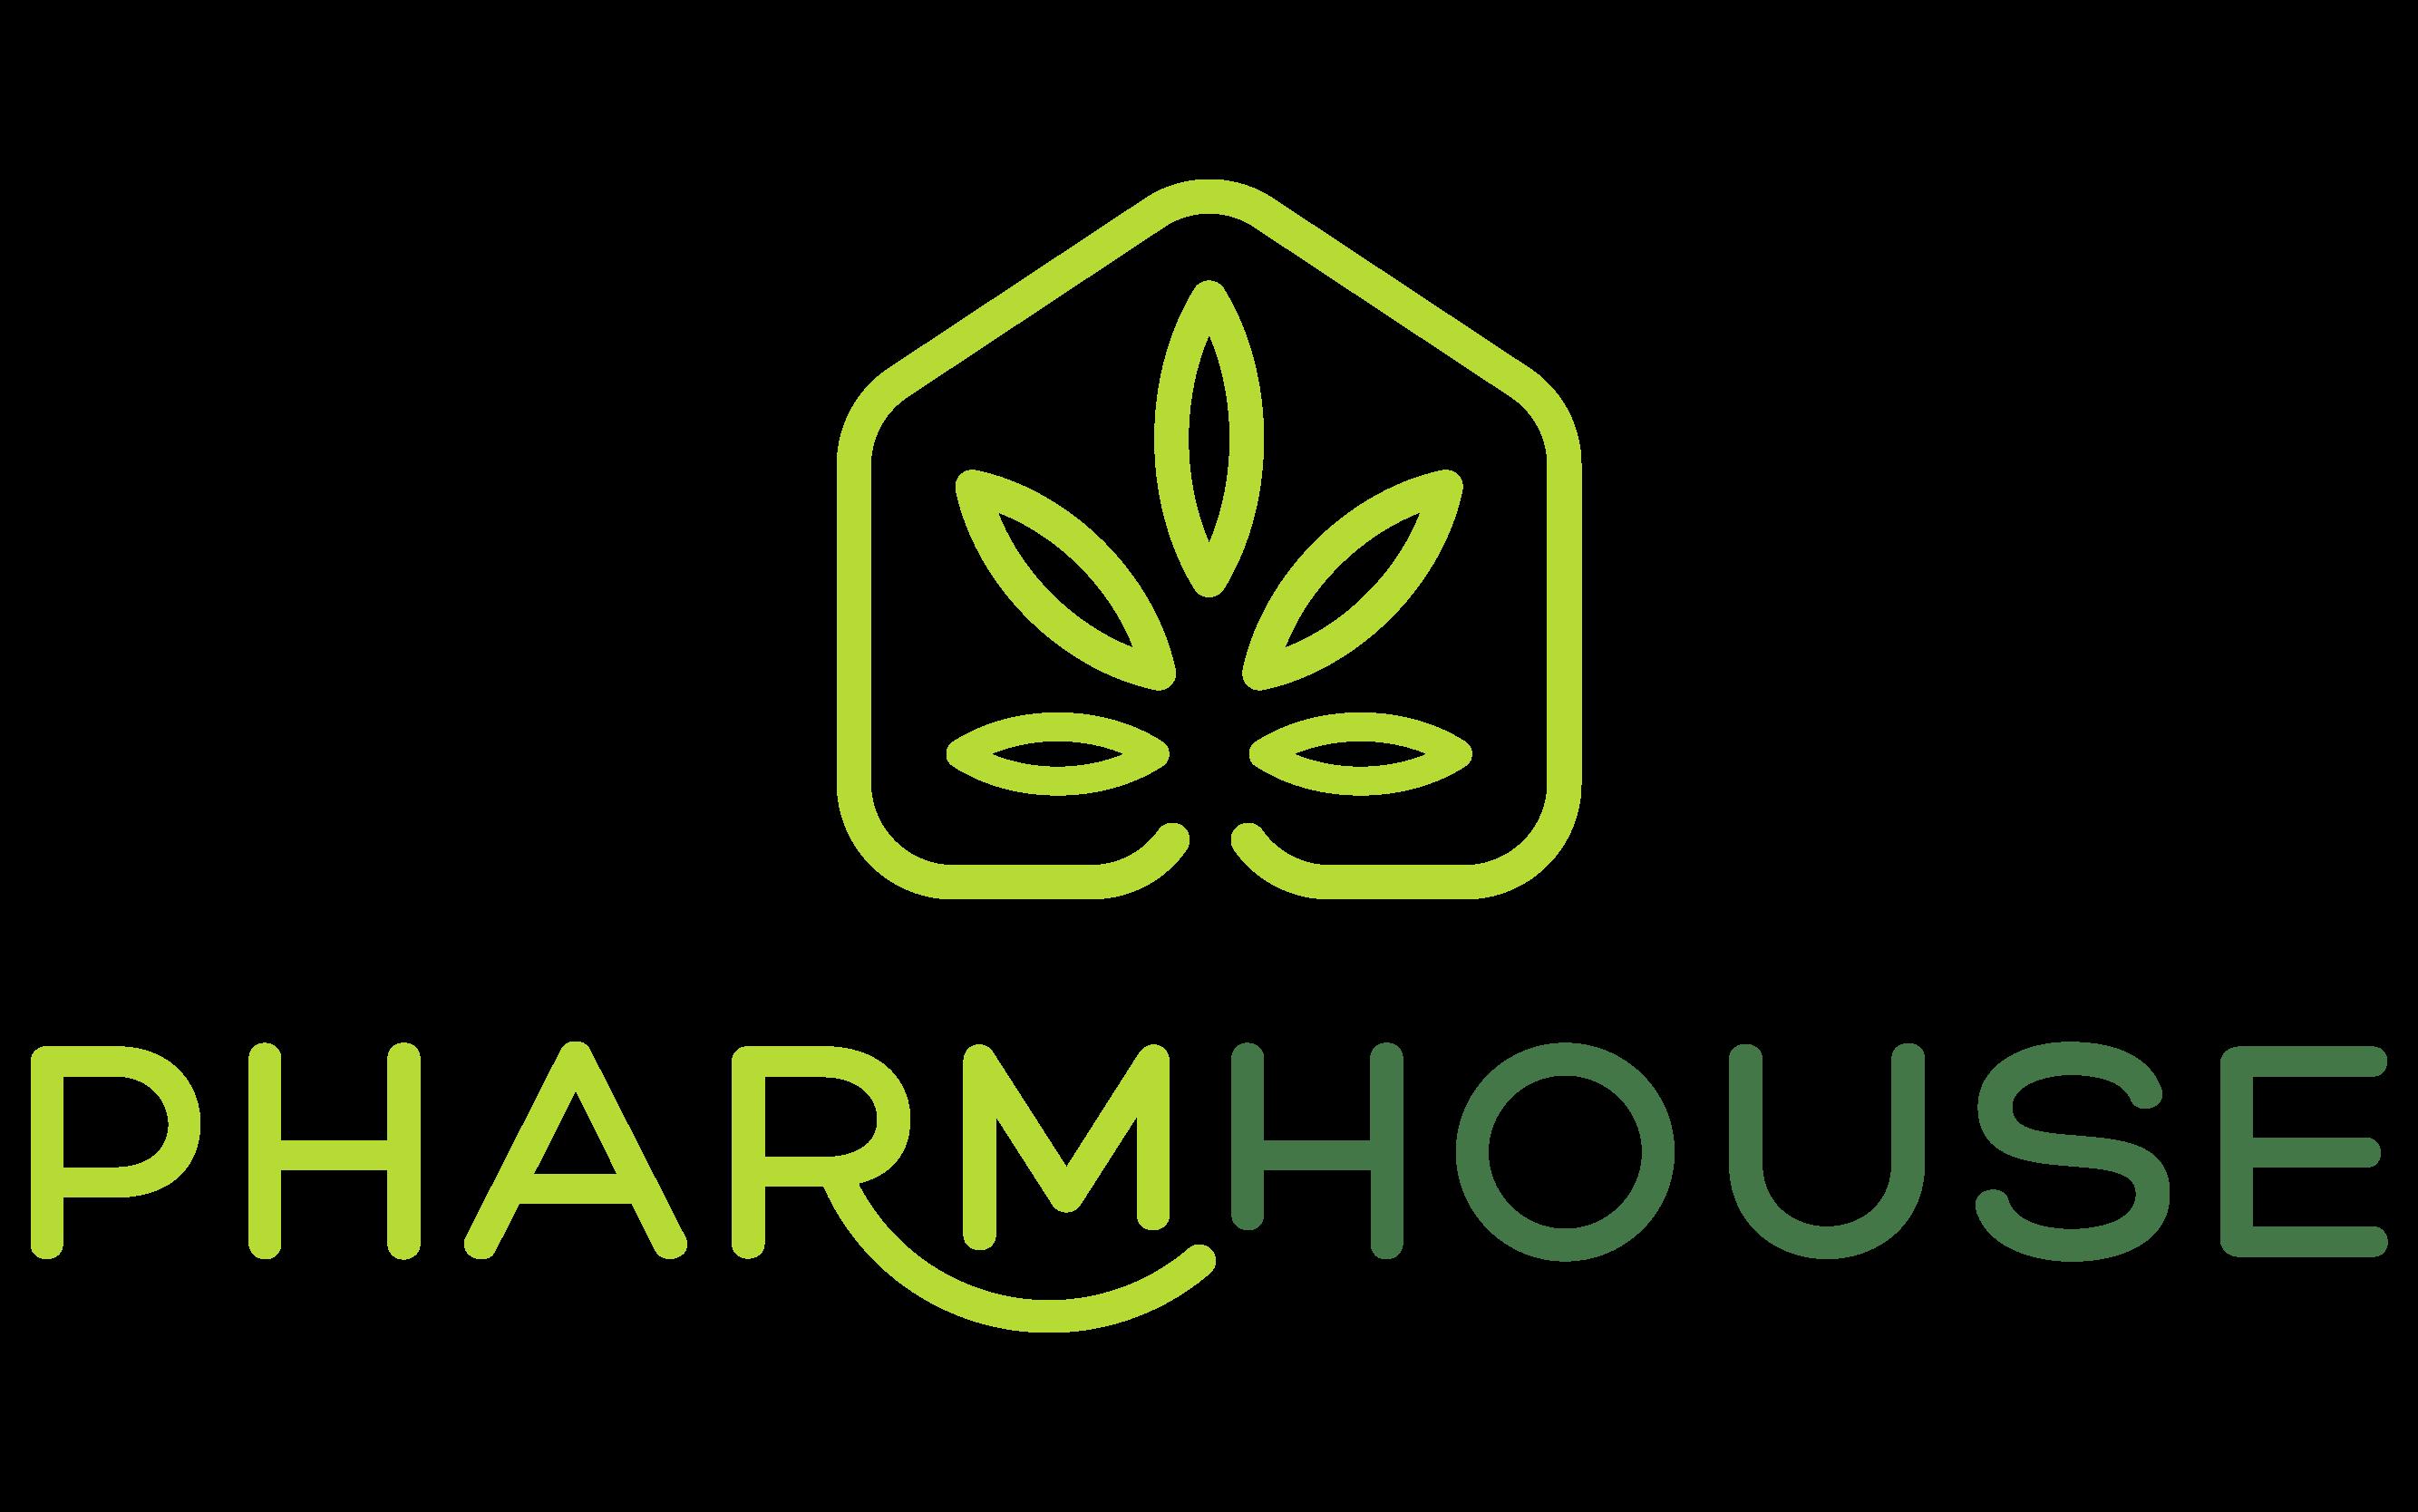 PharmHouse